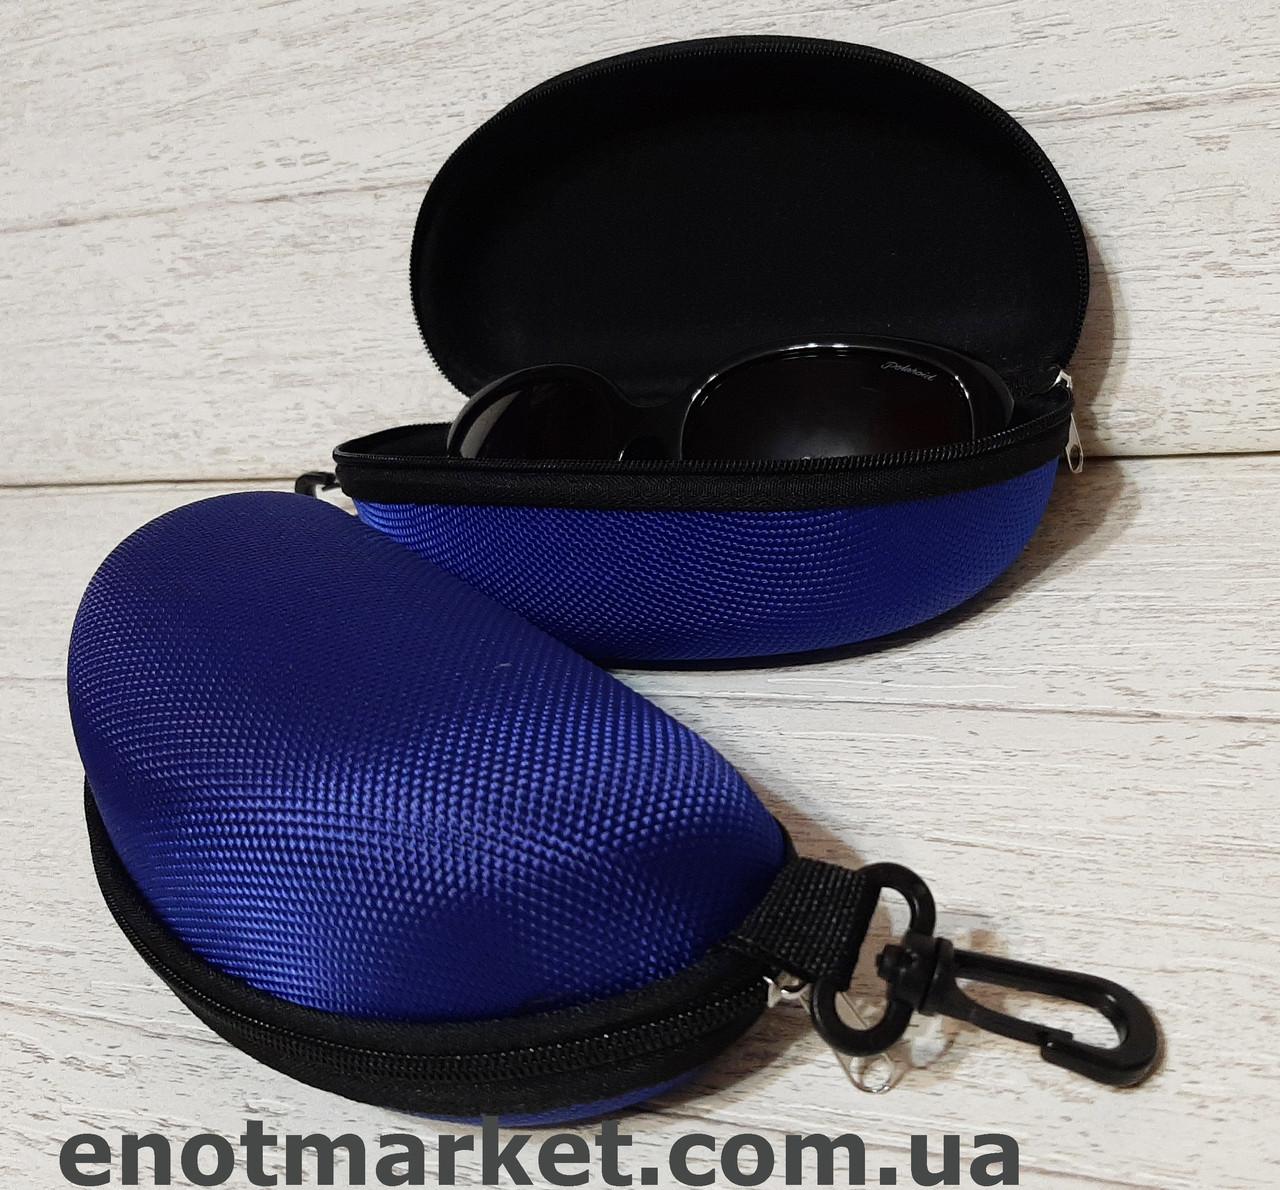 Футляр чехол бокс для очков универсальный на змейке с карабином синего цвета